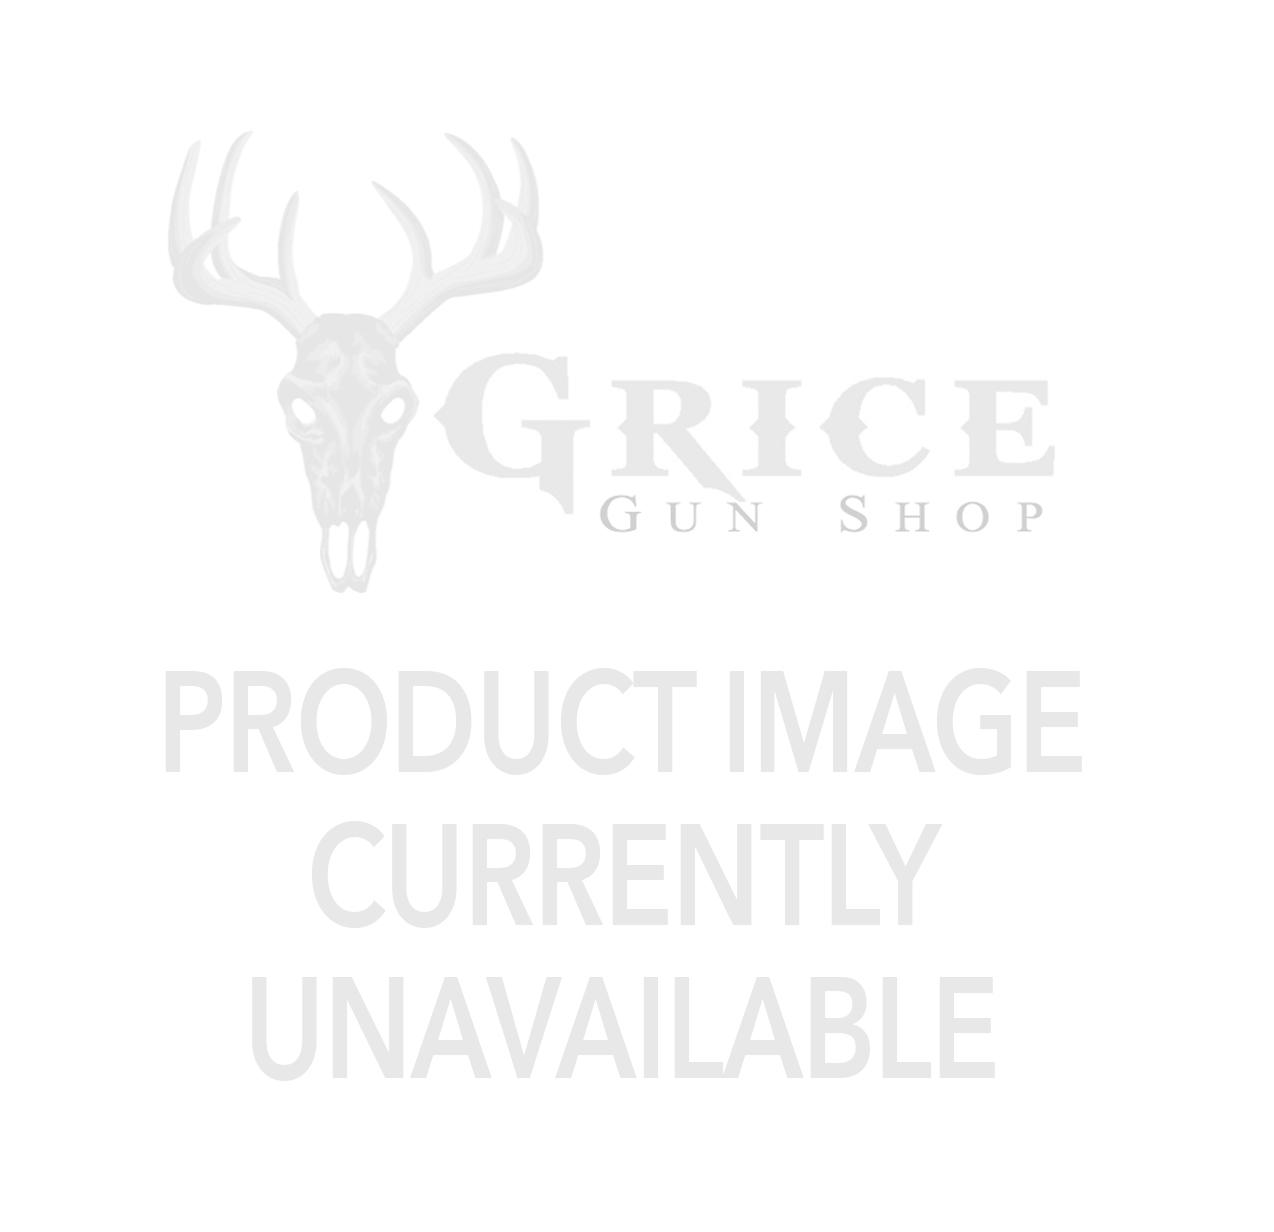 Hunter Specialties - Quadgrunter XT Grunt Call